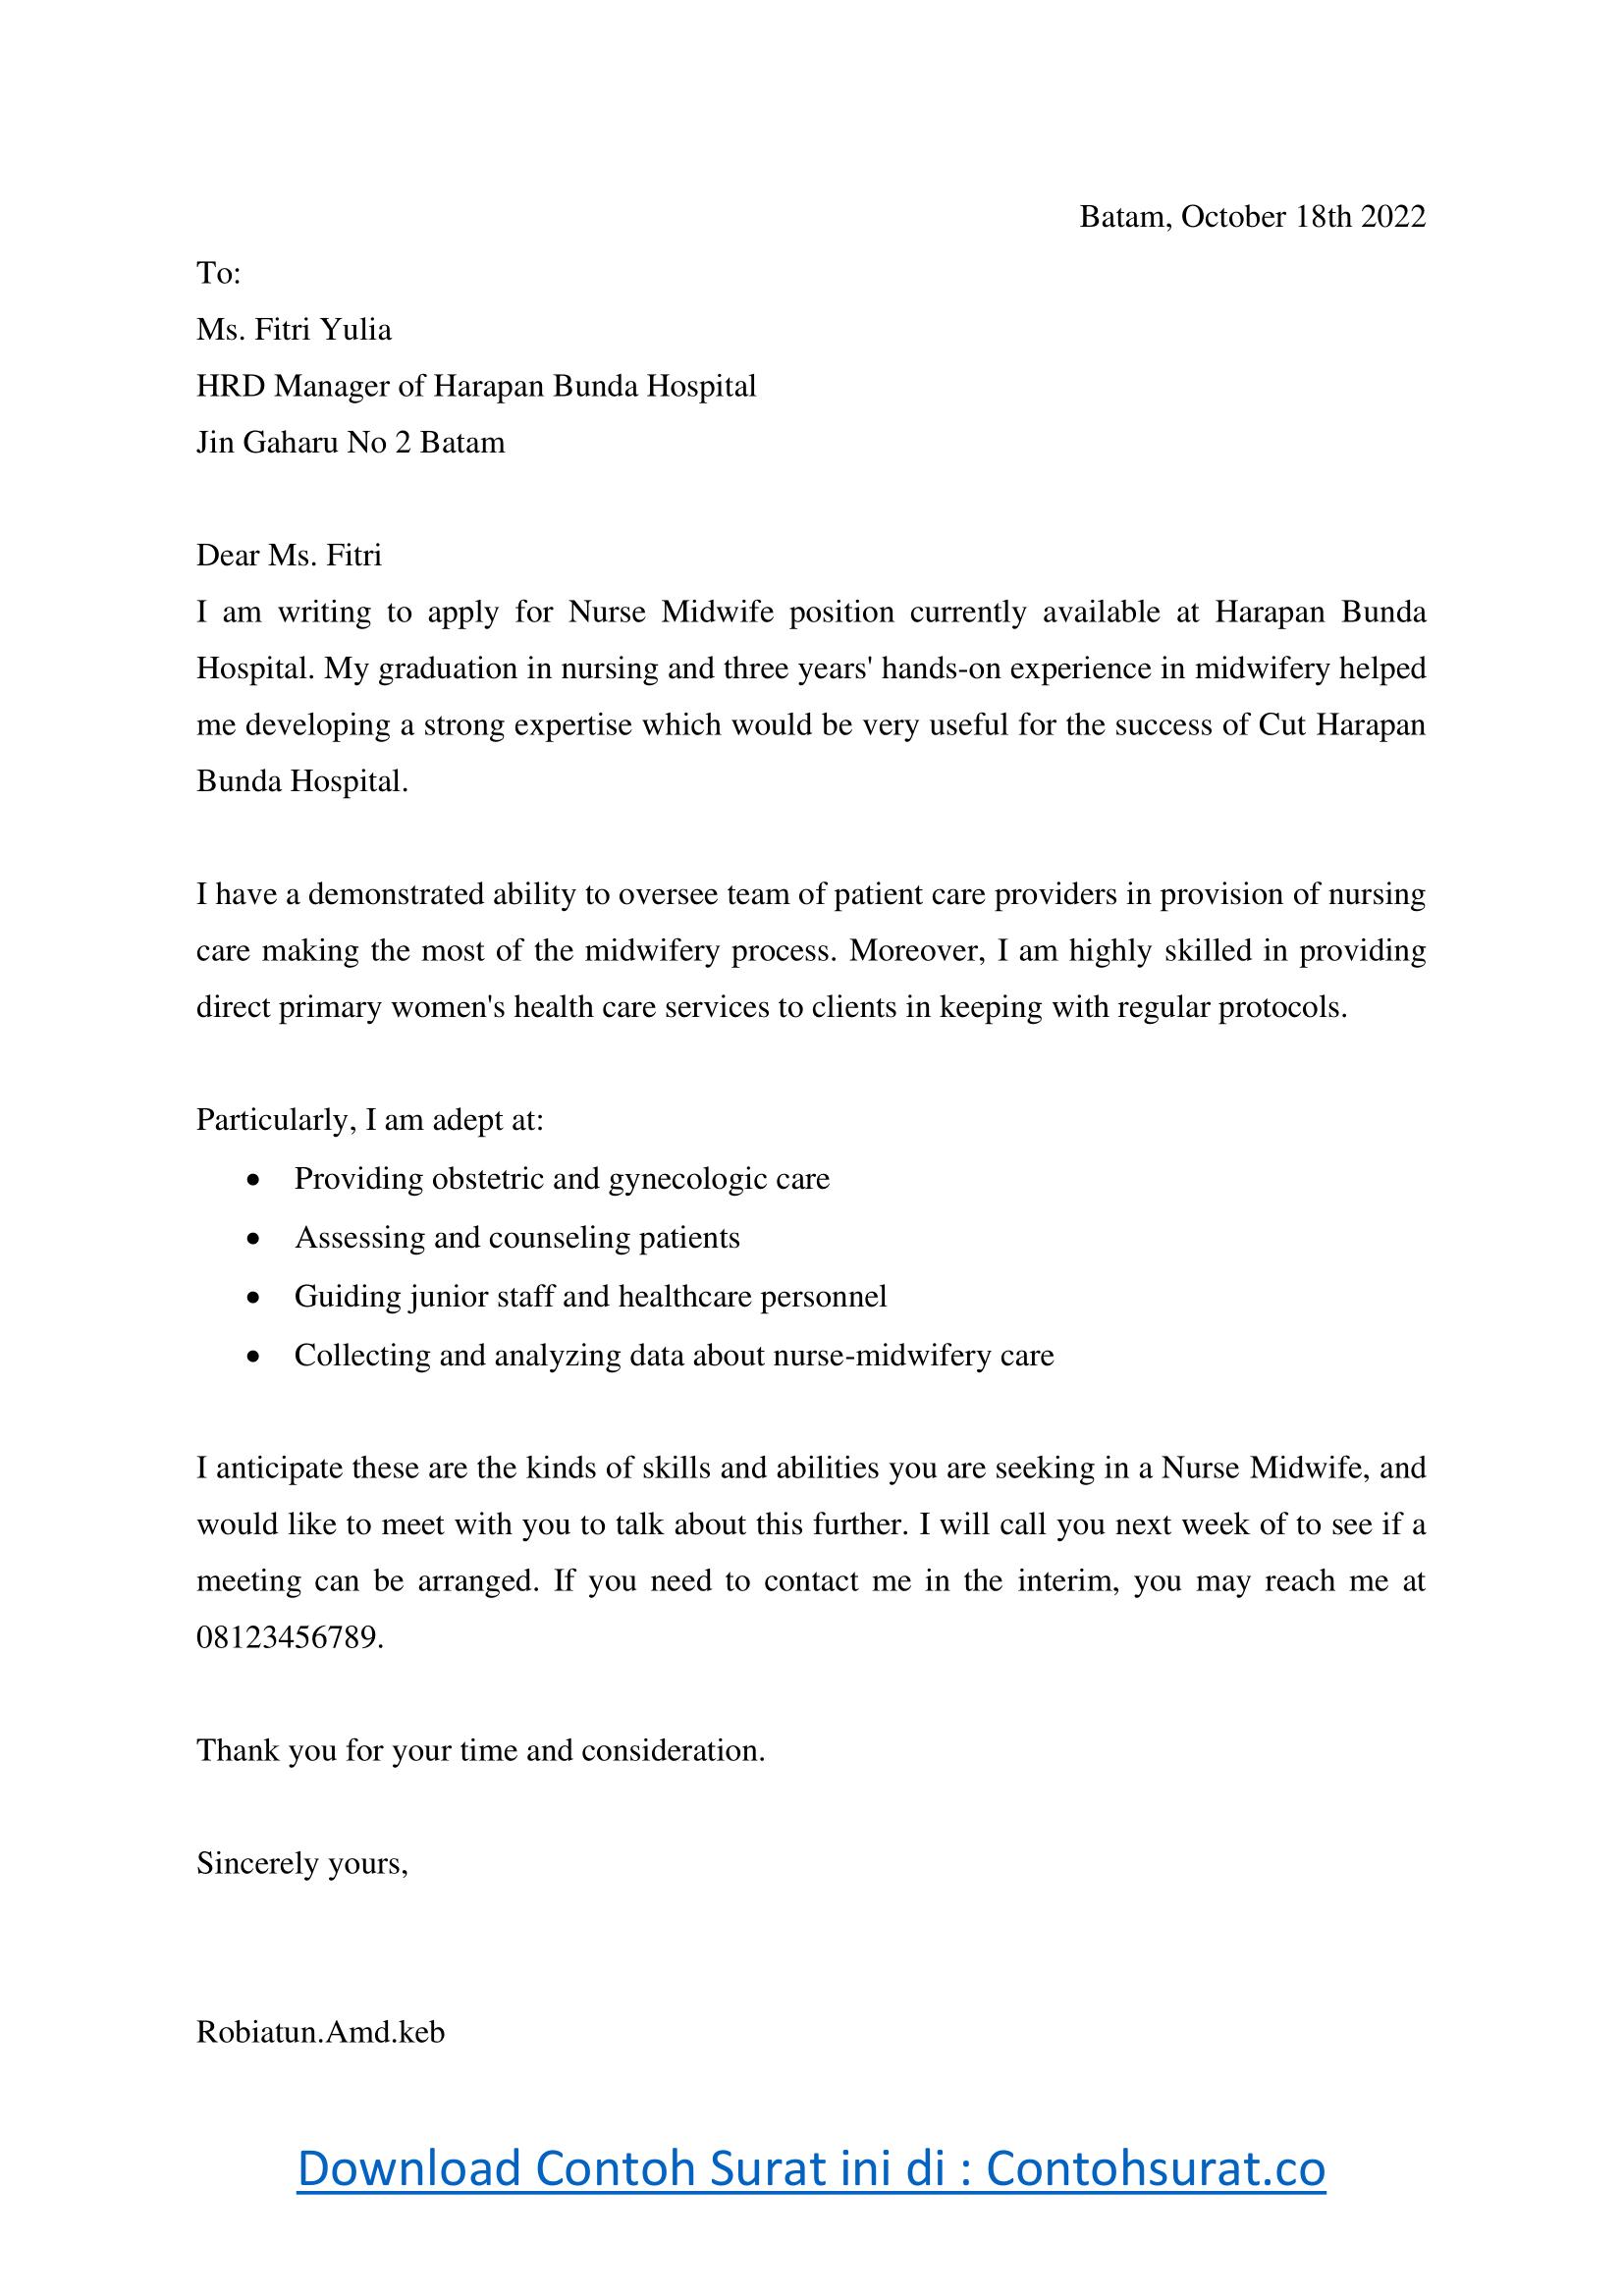 Contoh Surat Lamaran Kerja Bidan Dalam Bahasa Inggris